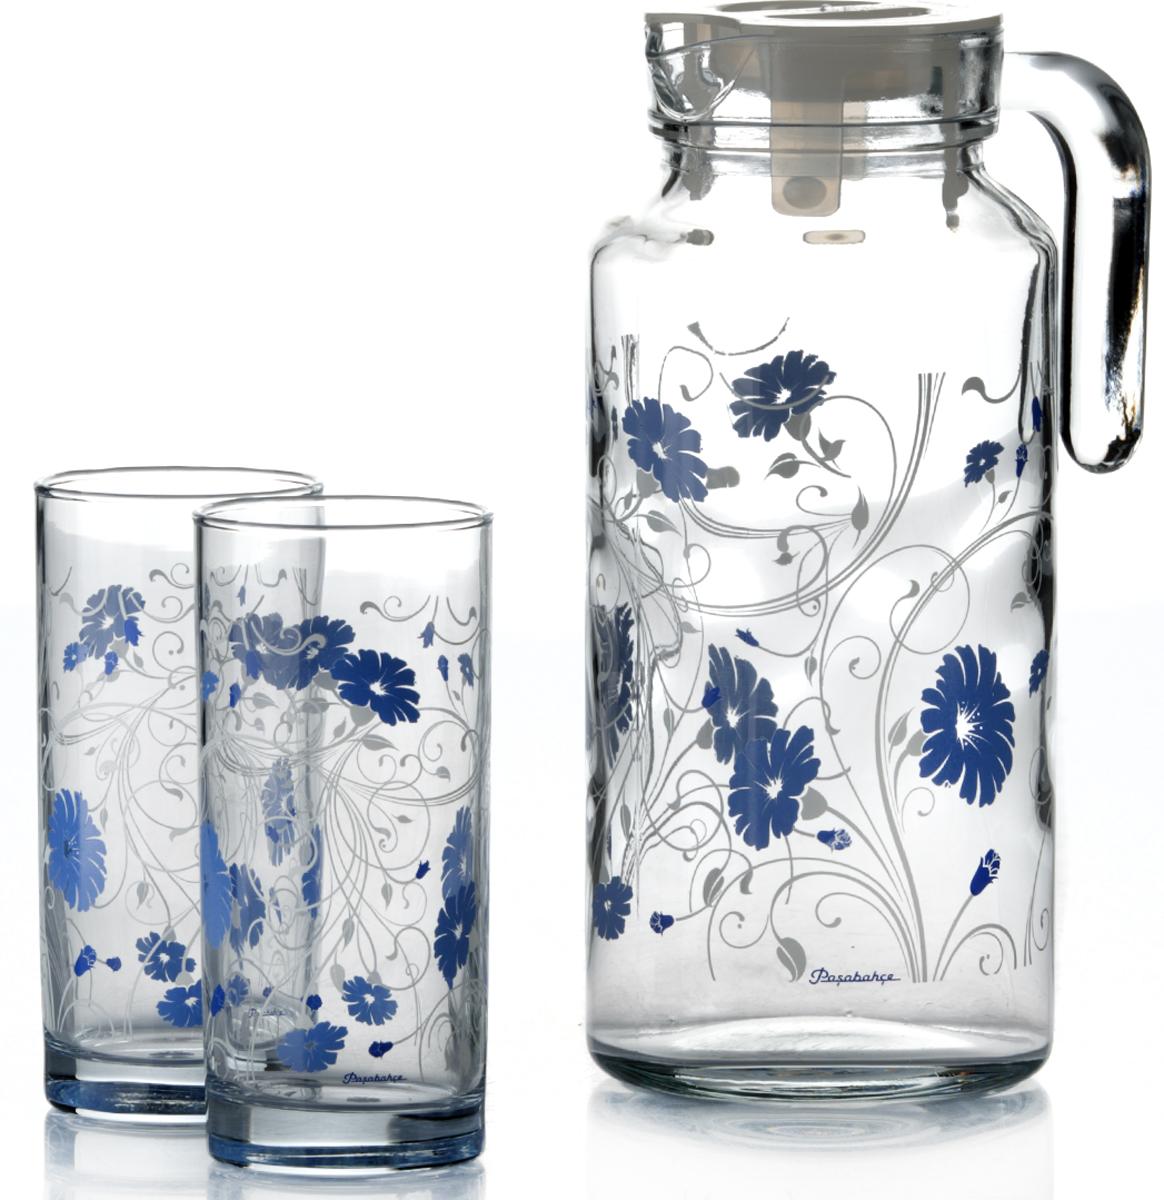 Набор питьевой Pasabahce Serenada, цвет: прозрачный, синий, 5 предметов95895BD2Питьевой набор Pasabahce Serenada состоит из 4 стаканов и кувшина. Изделия выполнены из высококачественного прочного стекла и декорированыцветочным рисунком. Набор прекрасно подходит для сока, воды, лимонада и других напитков. Изделия устойчивы к повреждениям и истиранию, в процессе эксплуатации не впитывают запахии сохраняют первоначальные краски. Можно мыть в посудомоечной машине.Объем кувшина: 1,3 л.Высота кувшина; 25 см. Объем стакана: 300 мл.Высота стакана: 13 см.